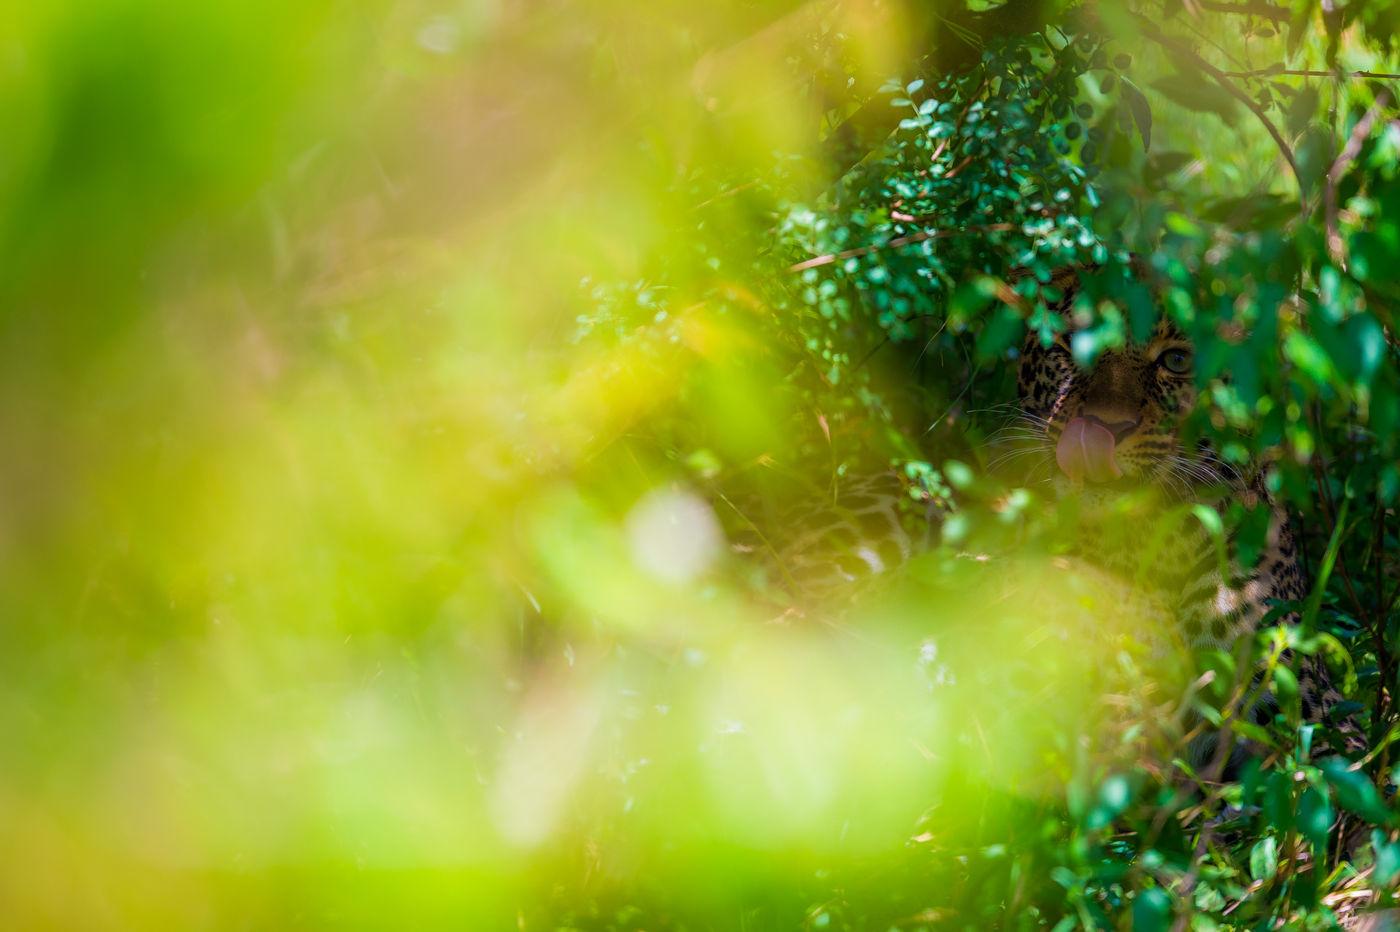 Een luipaard ligt te rusten in de bosjes. Mits geduld en de juiste techniek kun je zelfs bij vol zonlicht speciale foto's maken. © Billy Herman